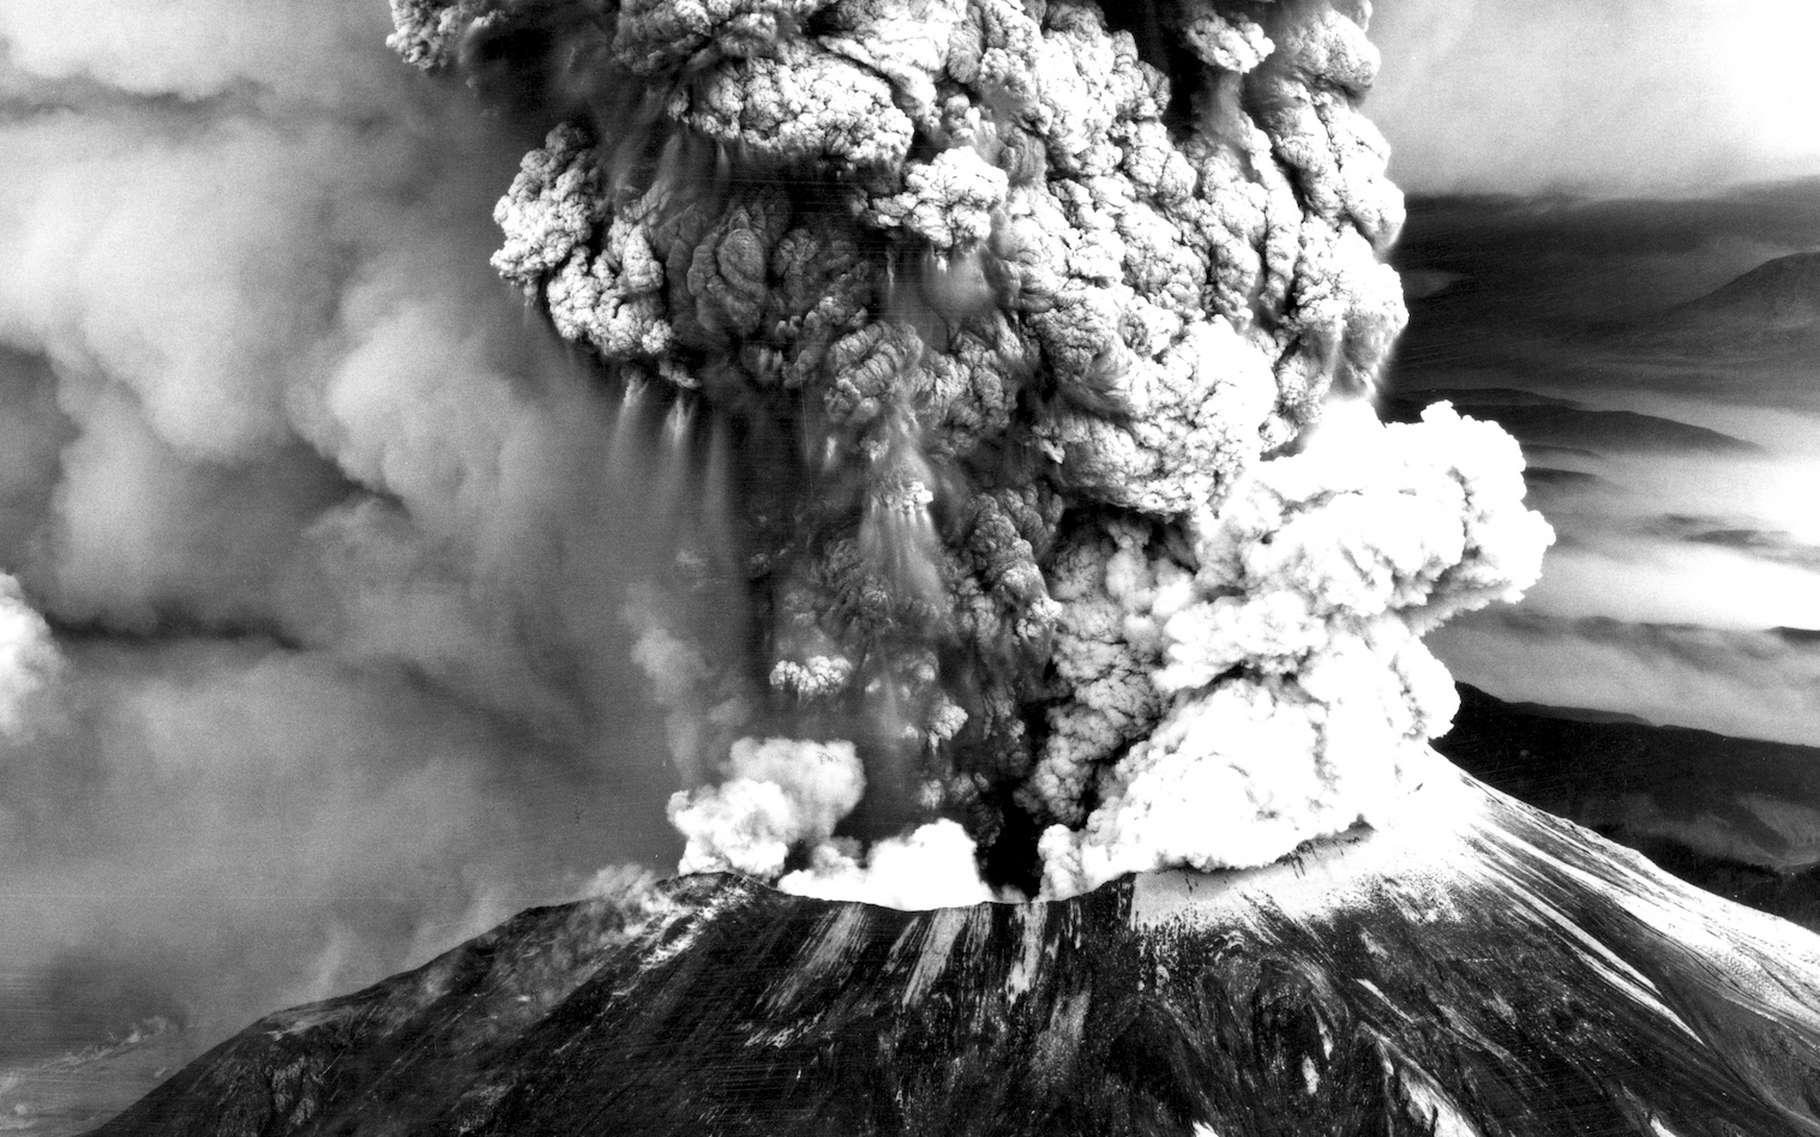 Après deux mois de tremblements de terre et de petites éruptions, le mont Saint Helens — ici vu du sud-ouest — a connu une éruption cataclysmique. C'était le 18 mai 1980. © Robert Krimmel, U.S. Geological Survey